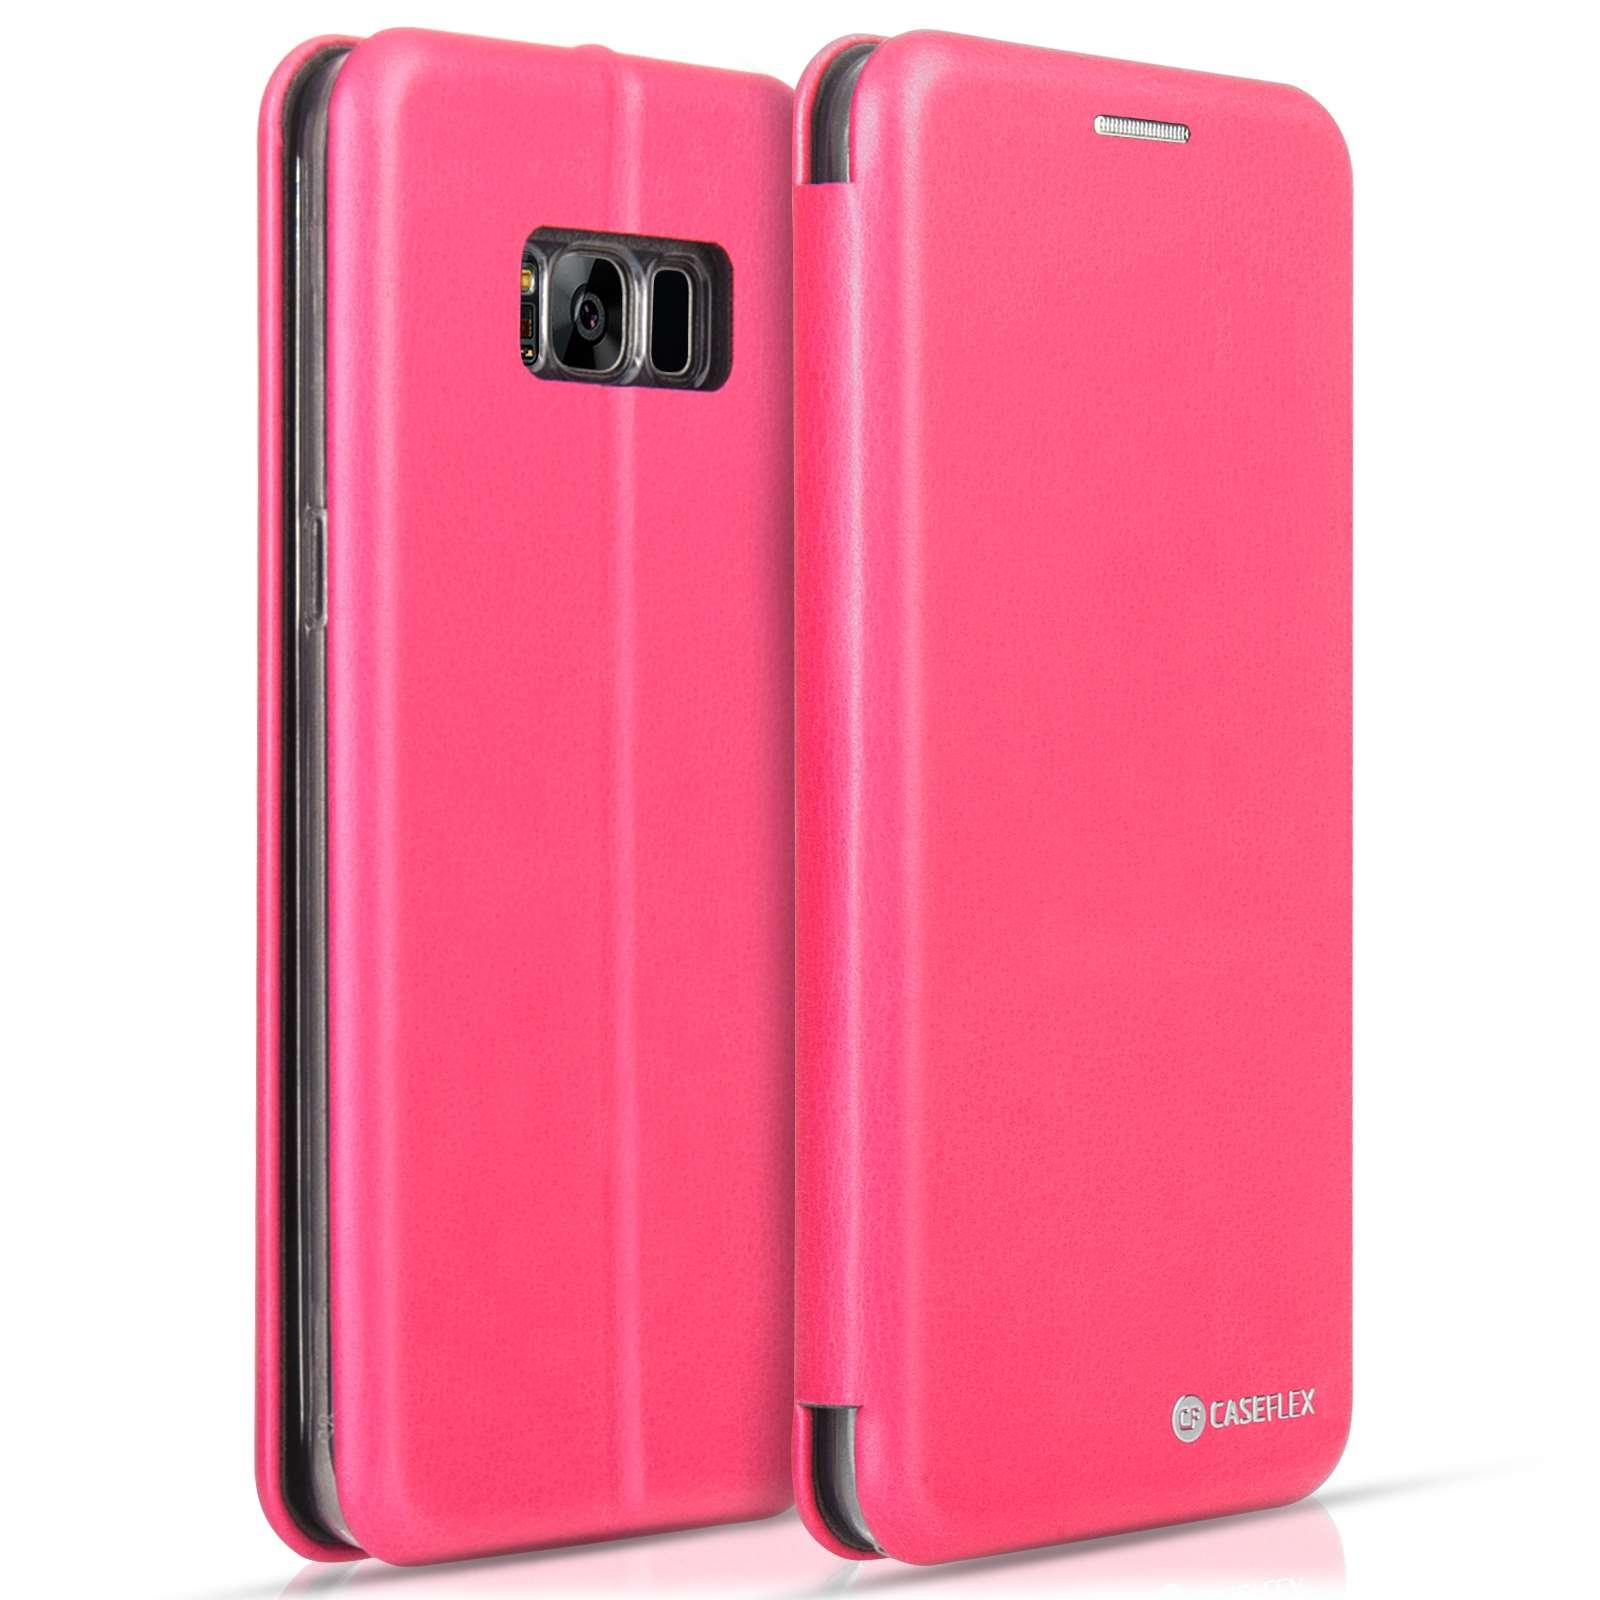 Caseflex Θήκη - Πορτοφόλι Galaxy S8 Pink  (SA-EA09-Z637)